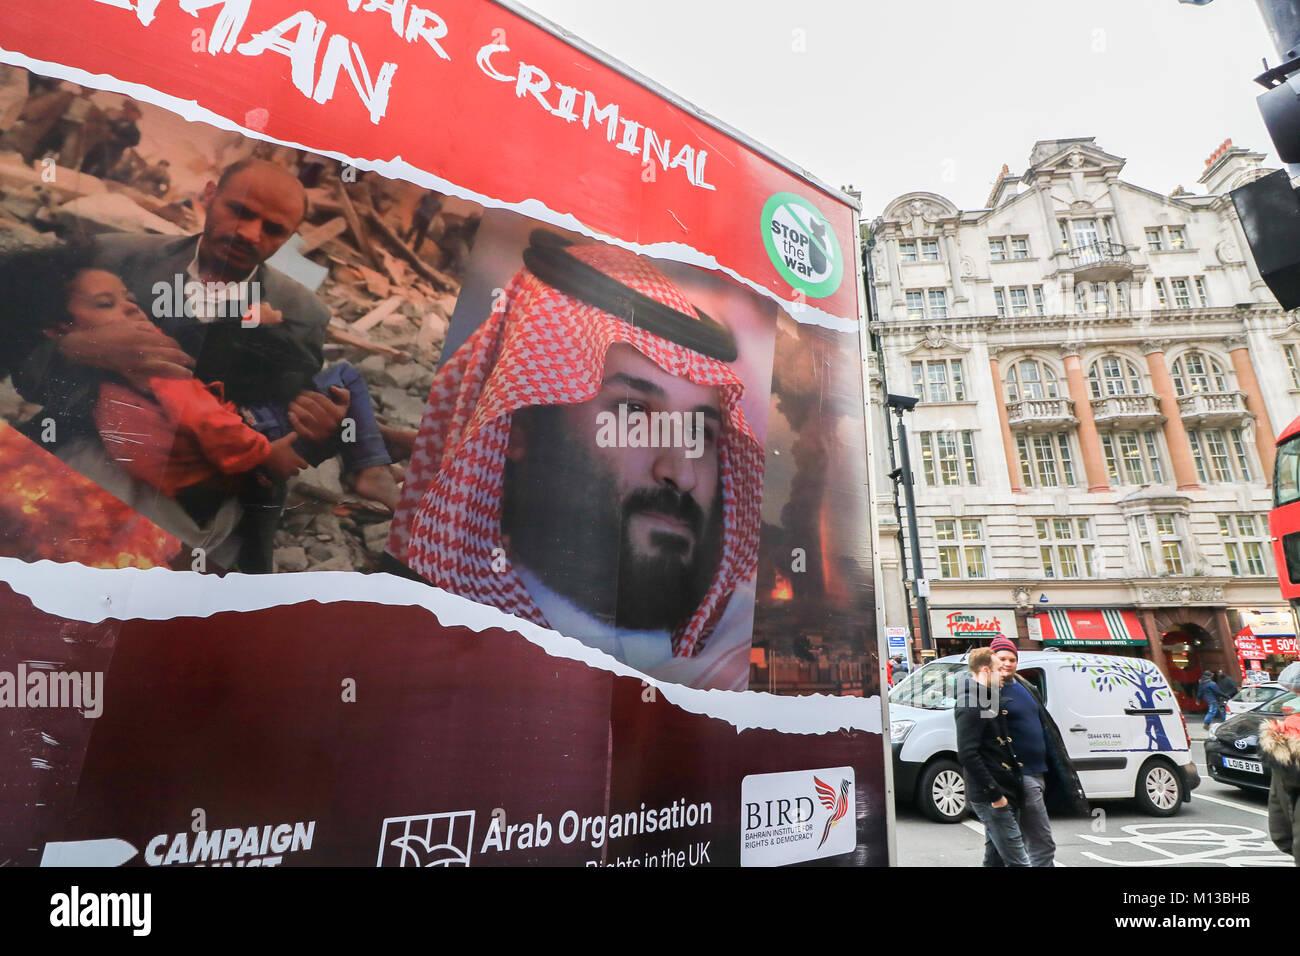 London UK.26 janvier 2018. Un van publicité commanditée par l'arrêt de la guerre et de l'Organisation arabe pour les droits de l'homme au Royaume-Uni contre la visite en Grande-Bretagne du Prince Mohammad bin Salman Al Saud héritier au trône saoudien en raison de la violation des droits de l'homme cités par Amnesty International contre l'Arabie saoudite dans son intervention dans la guerre civile au Yémen: Crédit amer ghazzal/Alamy Live News Banque D'Images